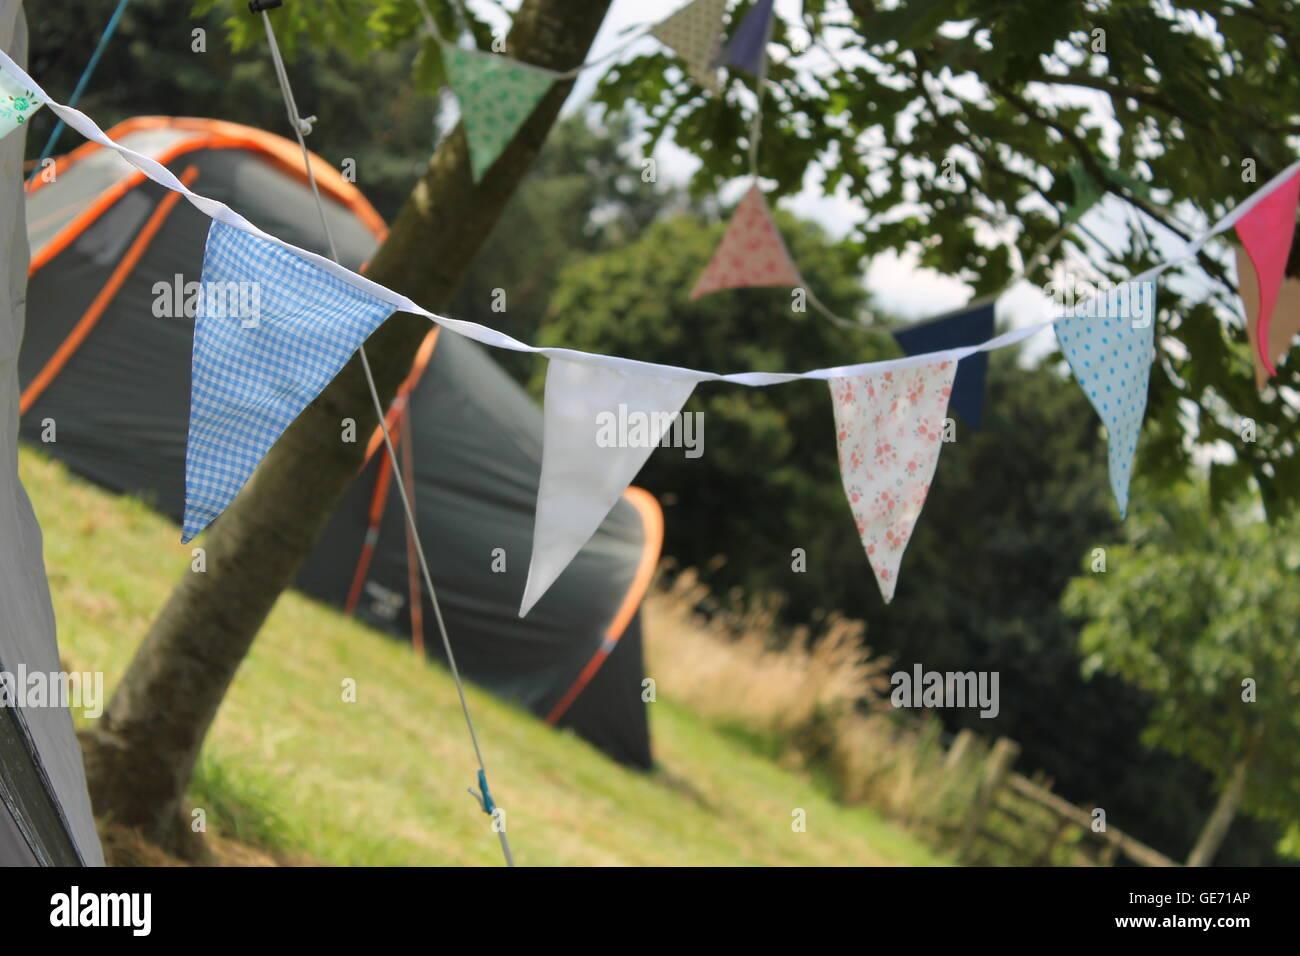 Einzigartig Dekoration Gartenparty Referenz Von Ammer, Sommer, Hochzeit, Party, Camping, Zelt, Glamping,